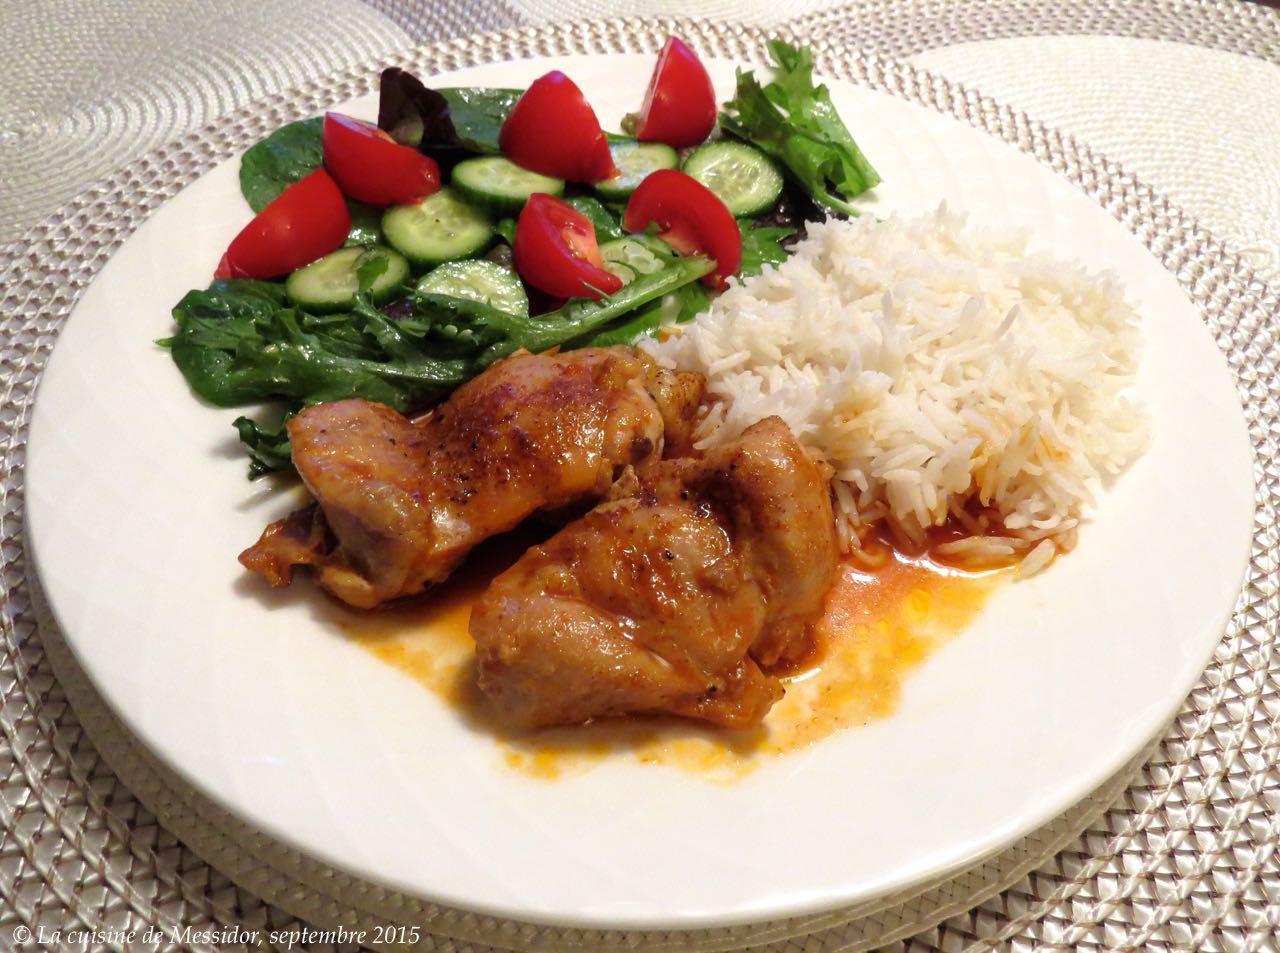 La cuisine de messidor hauts de cuisse de poulet sauce for Marinade poulet huile d olive